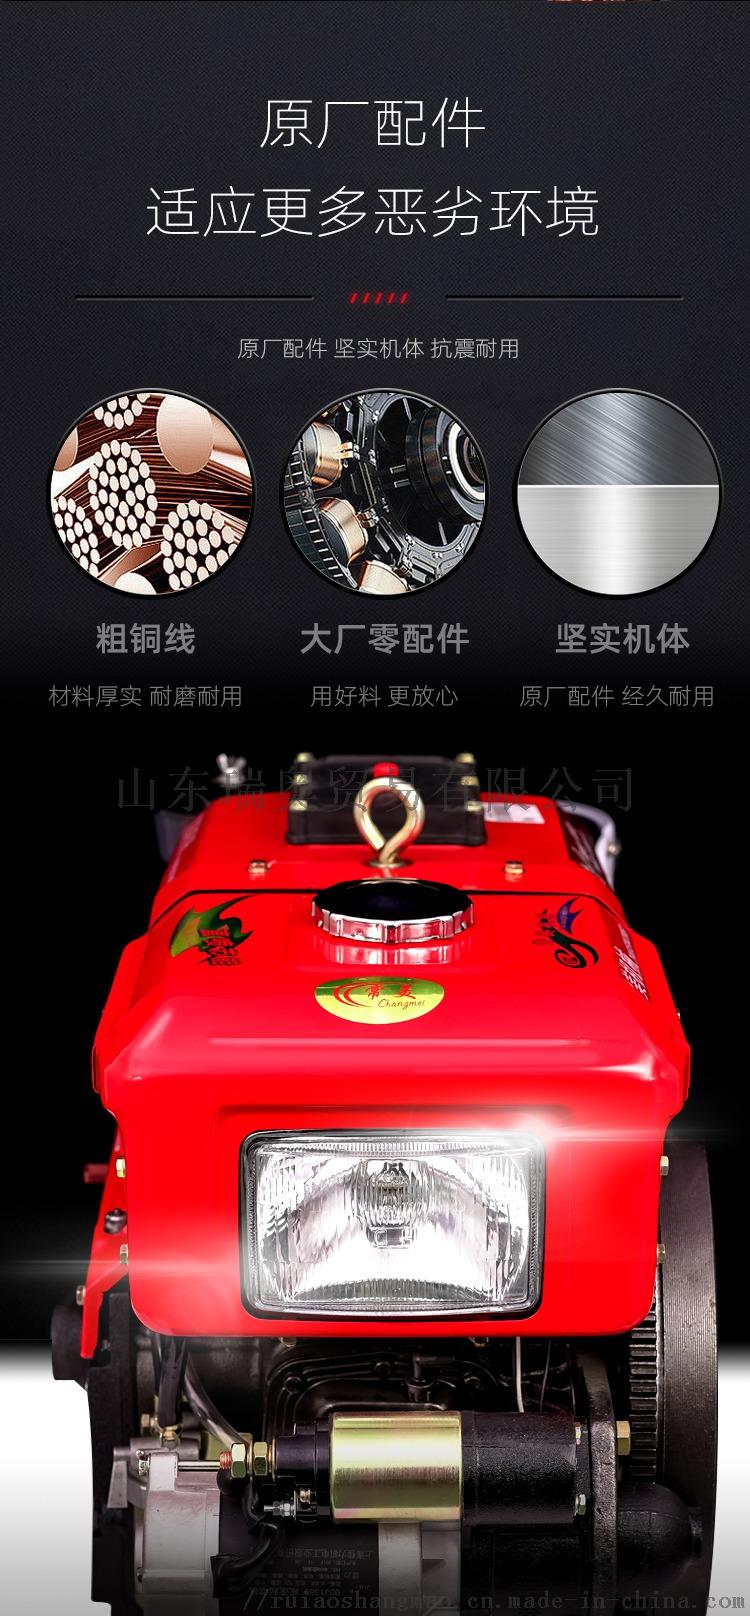 859092柴油机详情页小程序用_08.jpg